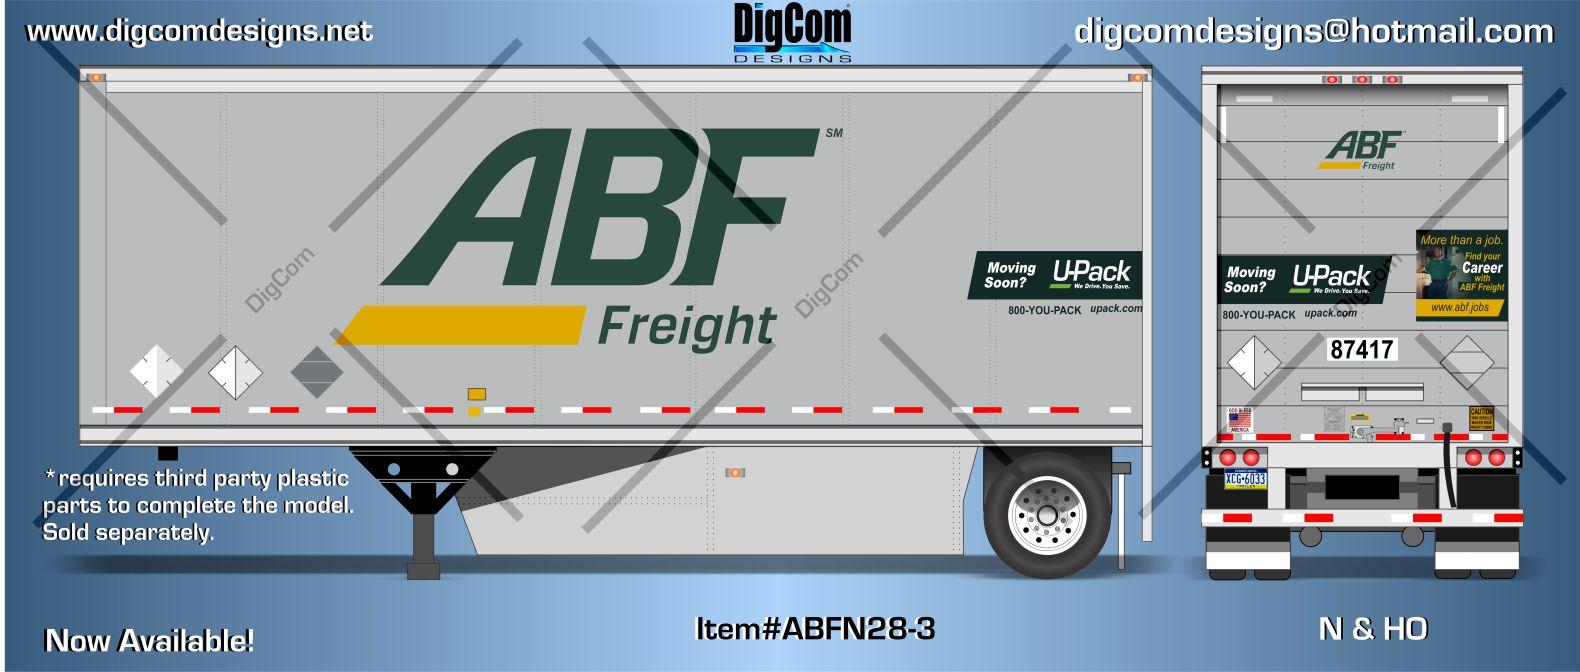 ABF TRAILER 1 DESIGN.jpg